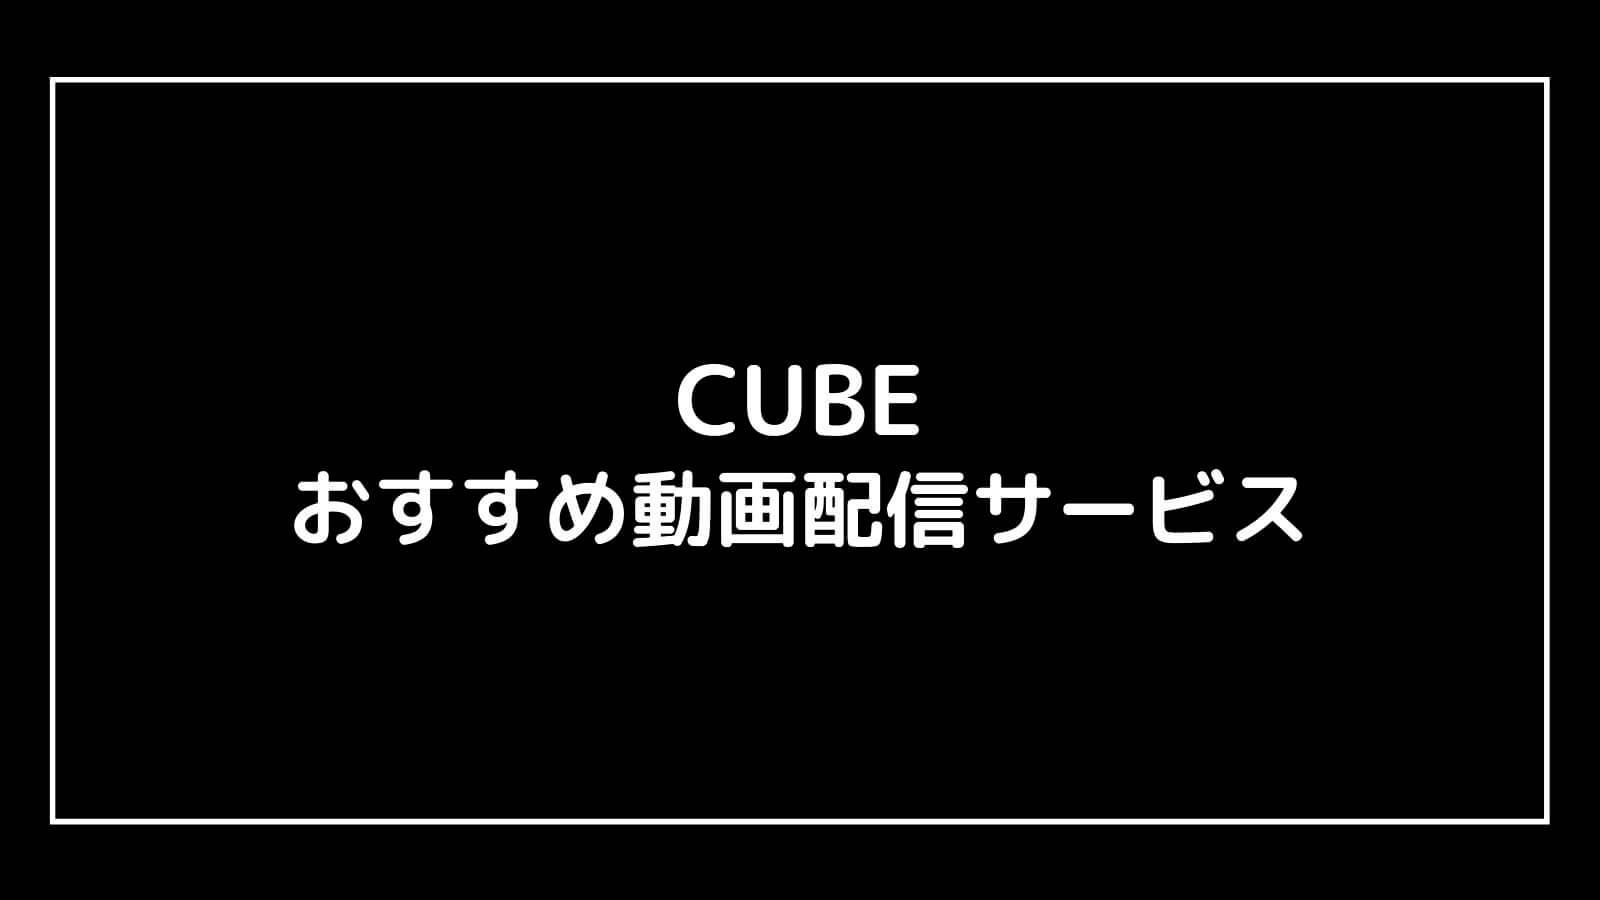 映画『CUBE キューブ』の無料配信を視聴できるおすすめ動画サイト【最新作の割引券あり】